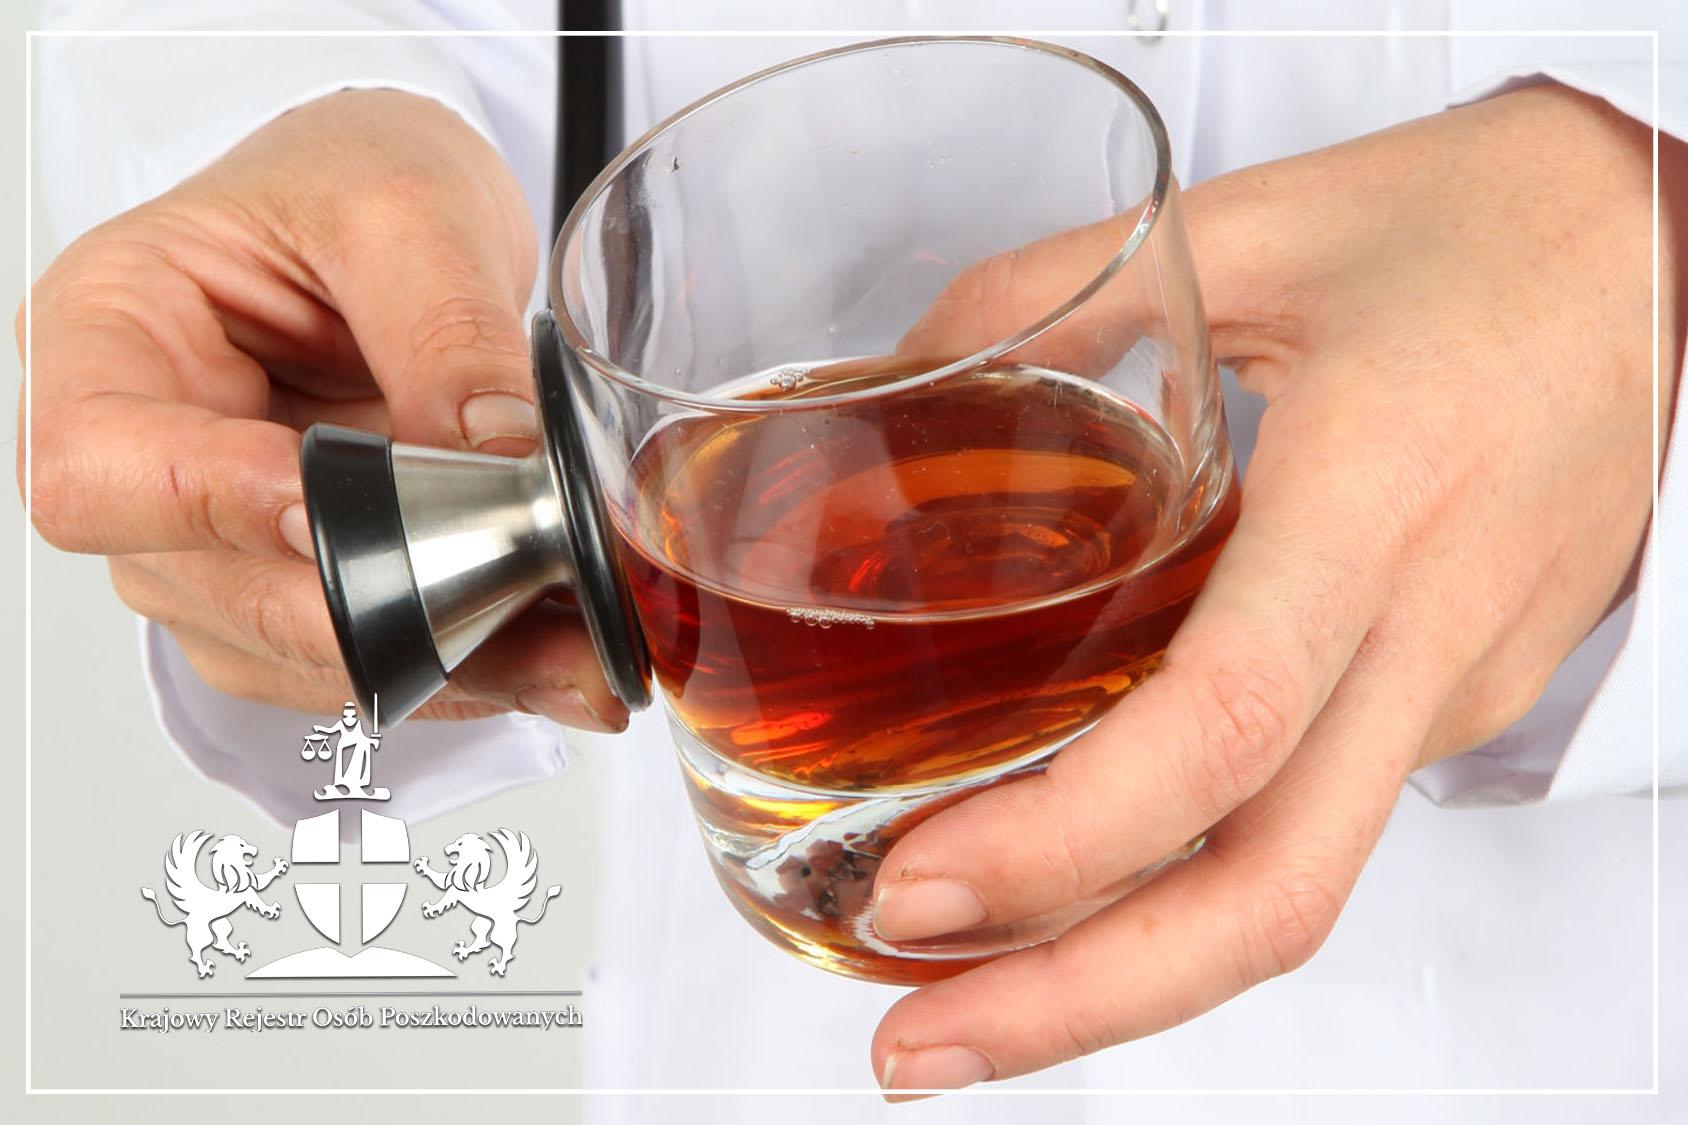 Lekarz pod wpływem alkoholu, odpowiedzialność karna